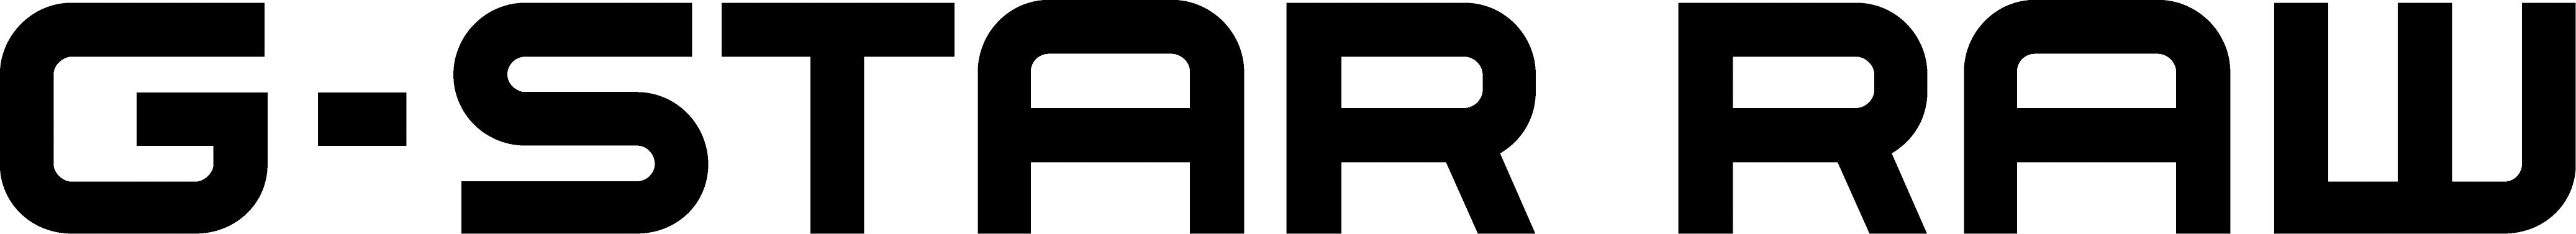 G-Star-RAW-Frolunda-Torg-logo